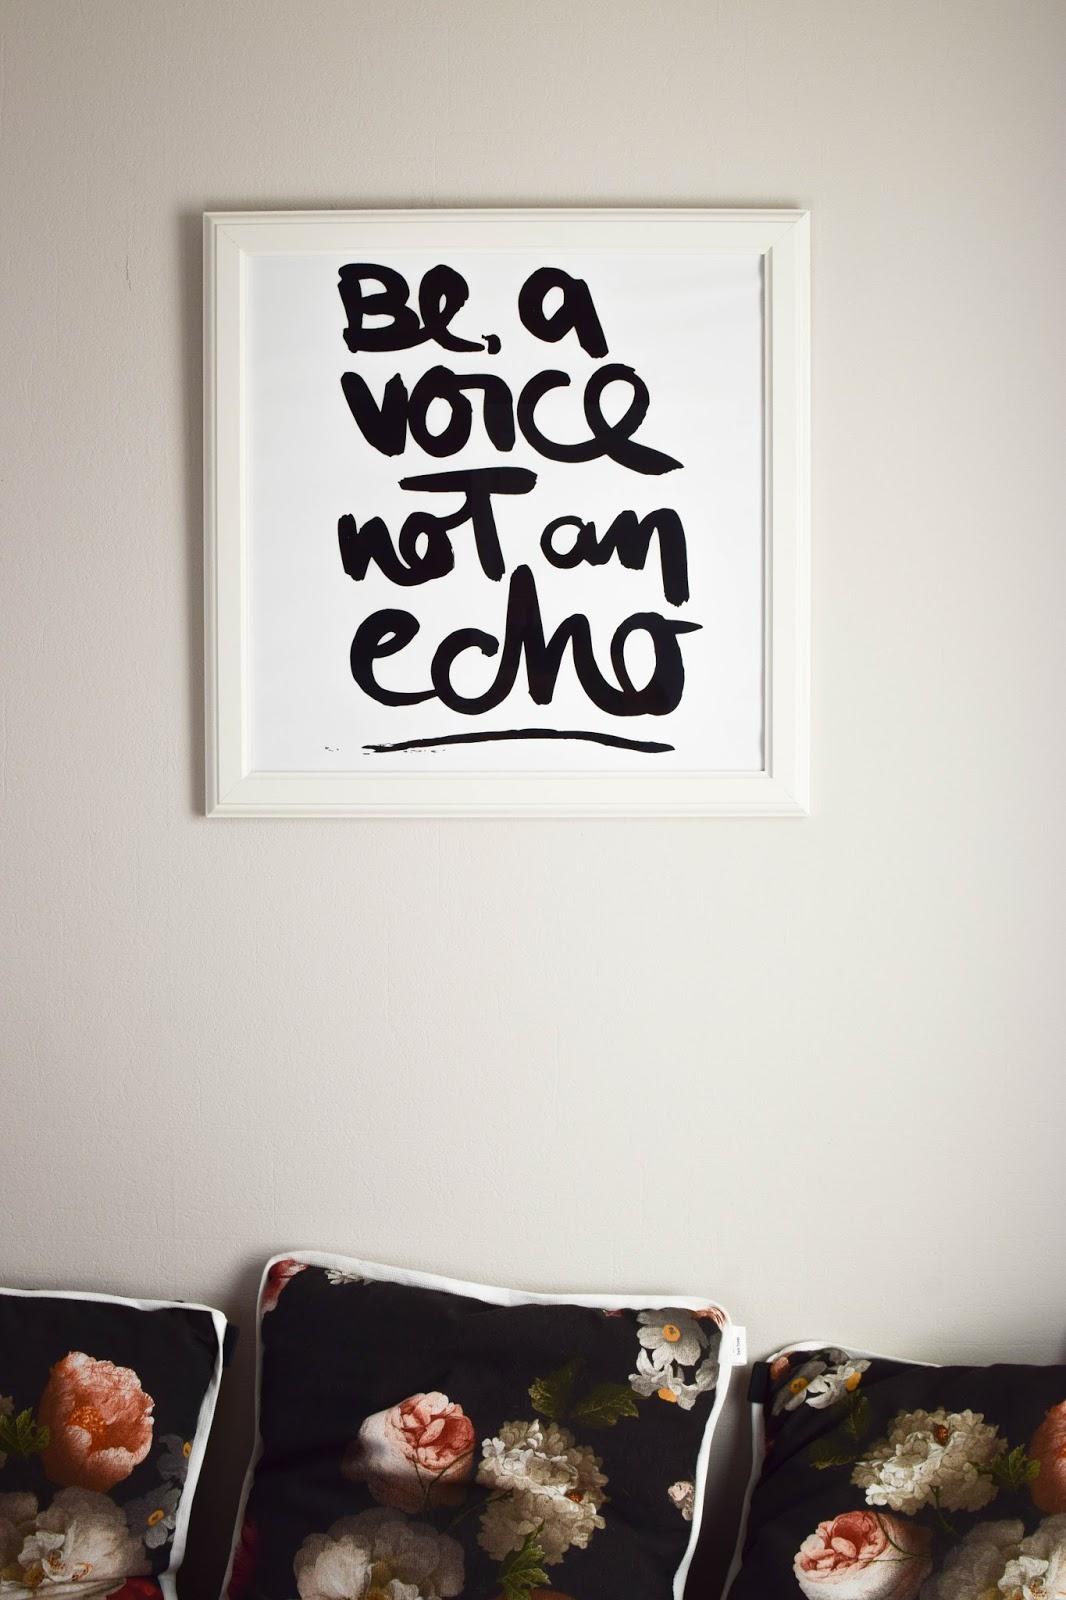 Be a voice not an echo Bild Esszimmer wanddeko Interior